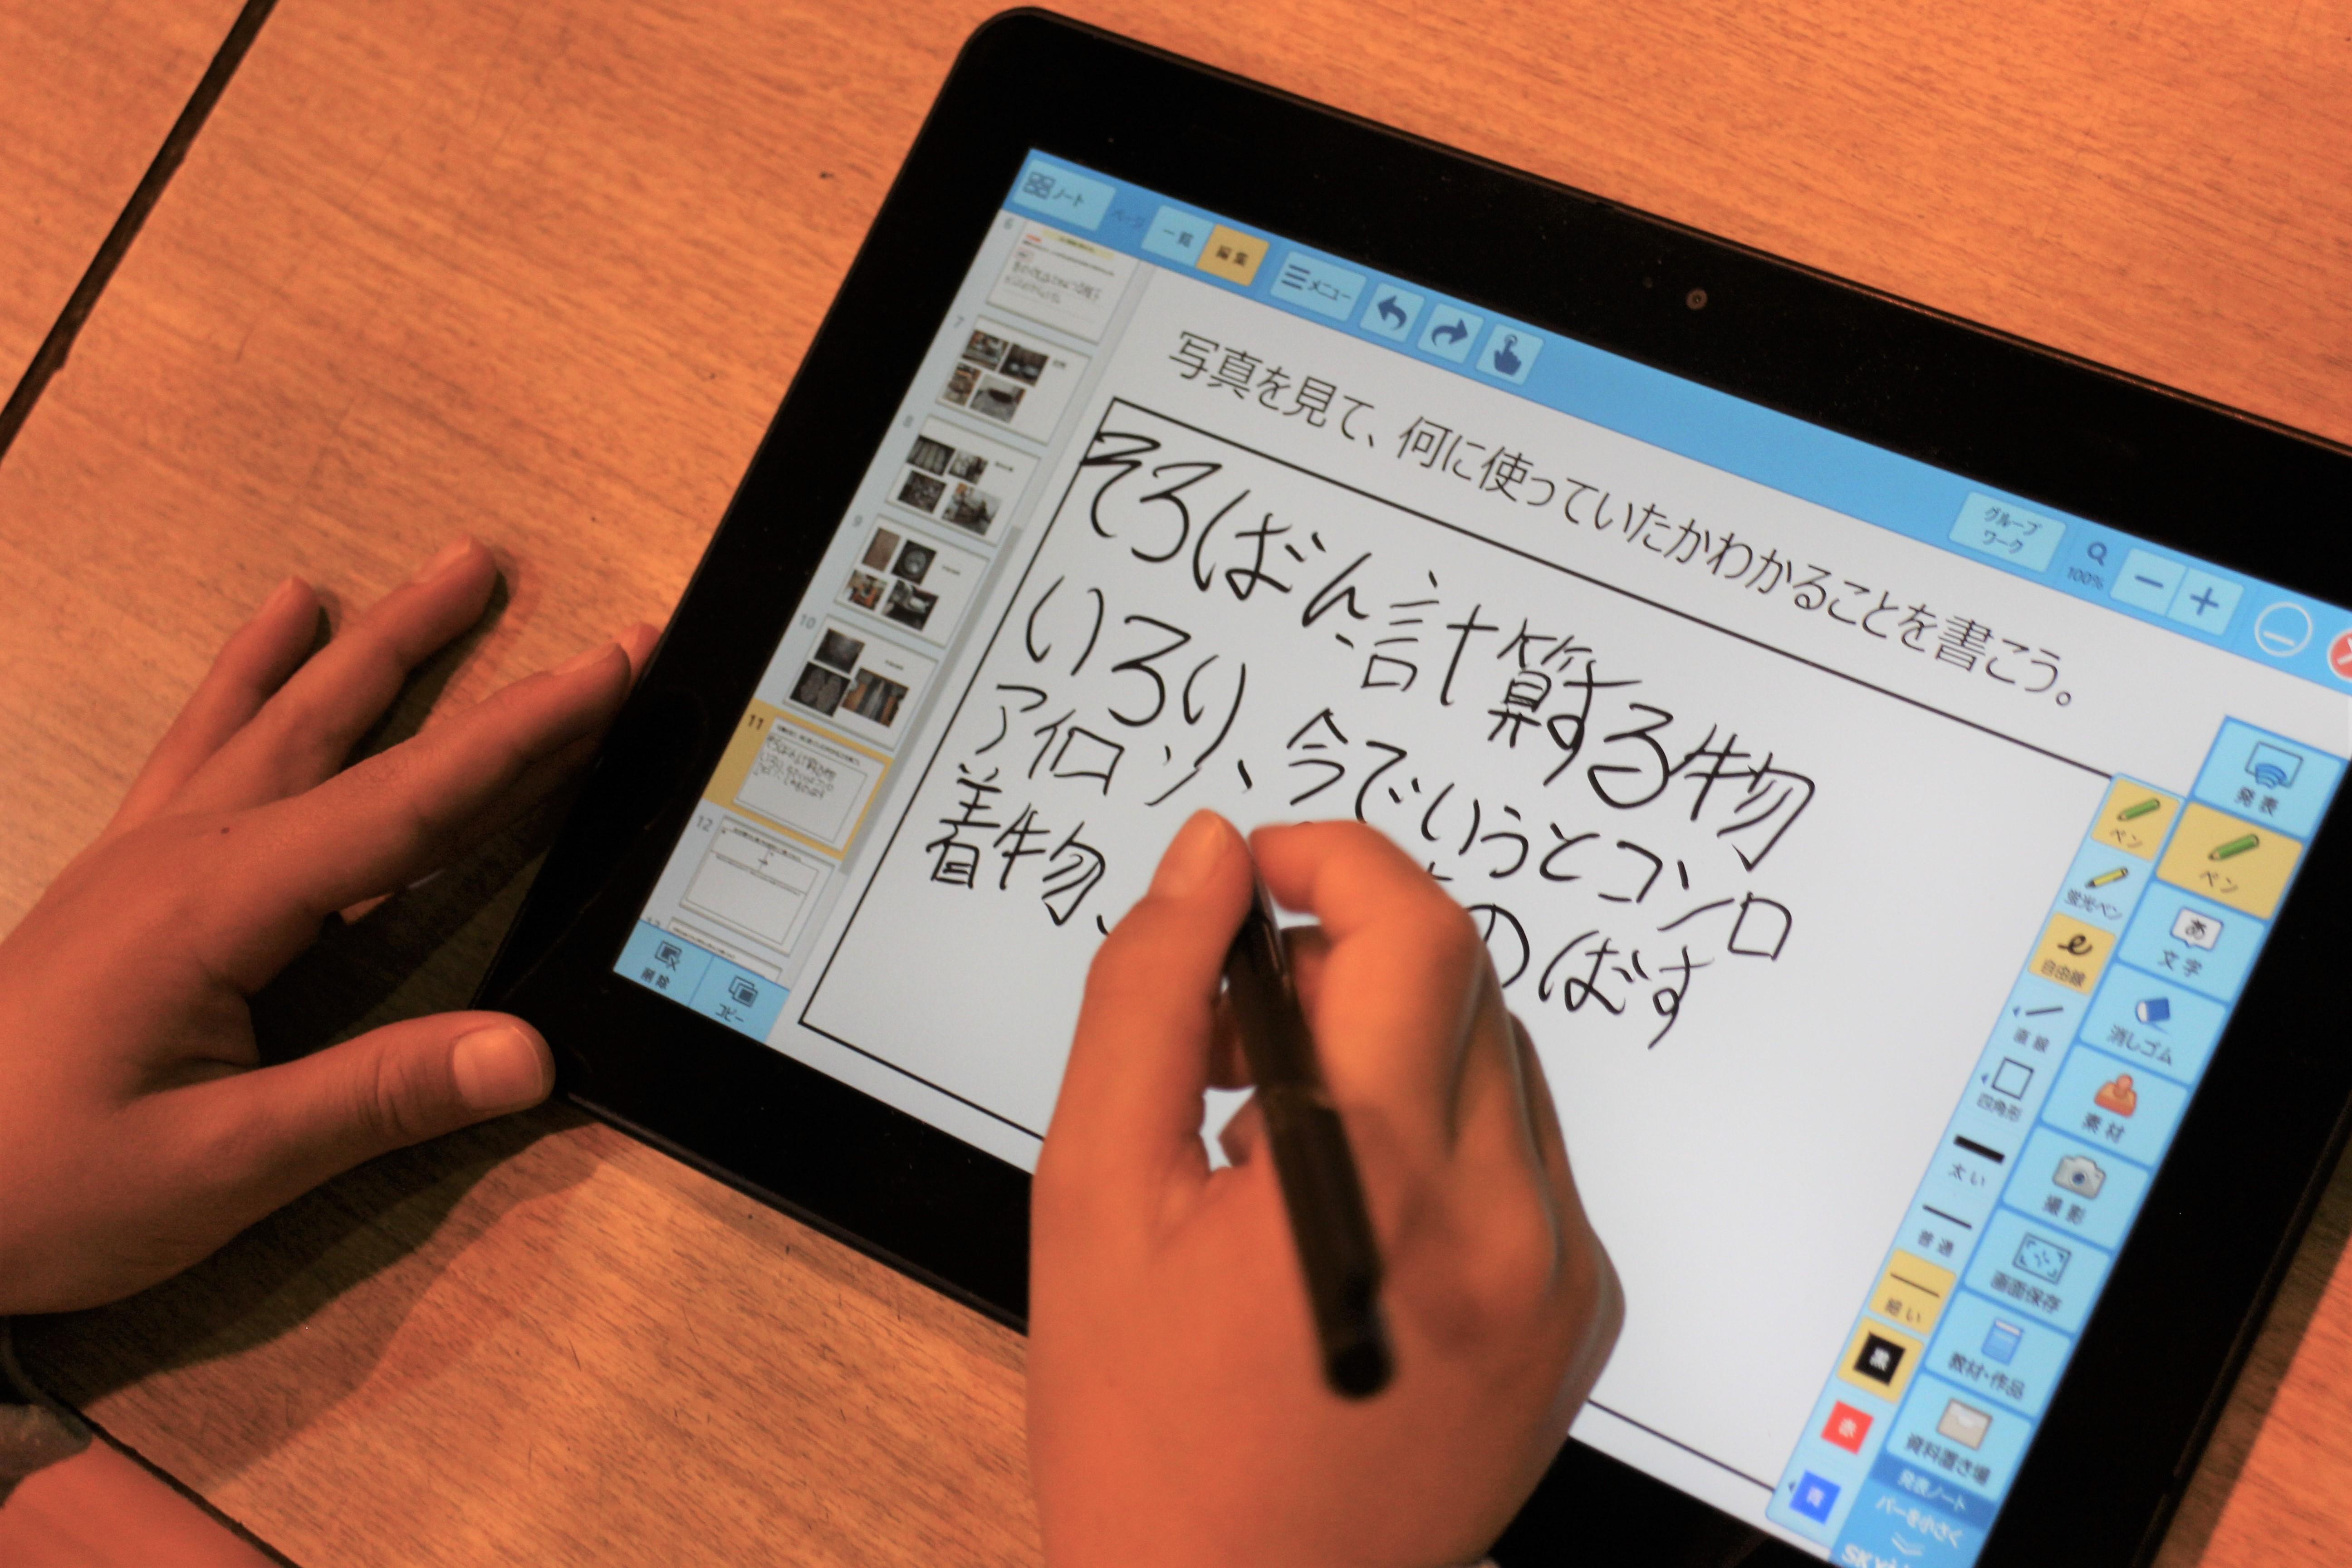 1人1台タブレットPCがやってきた八丈島の小学校で起きたこと/東京都